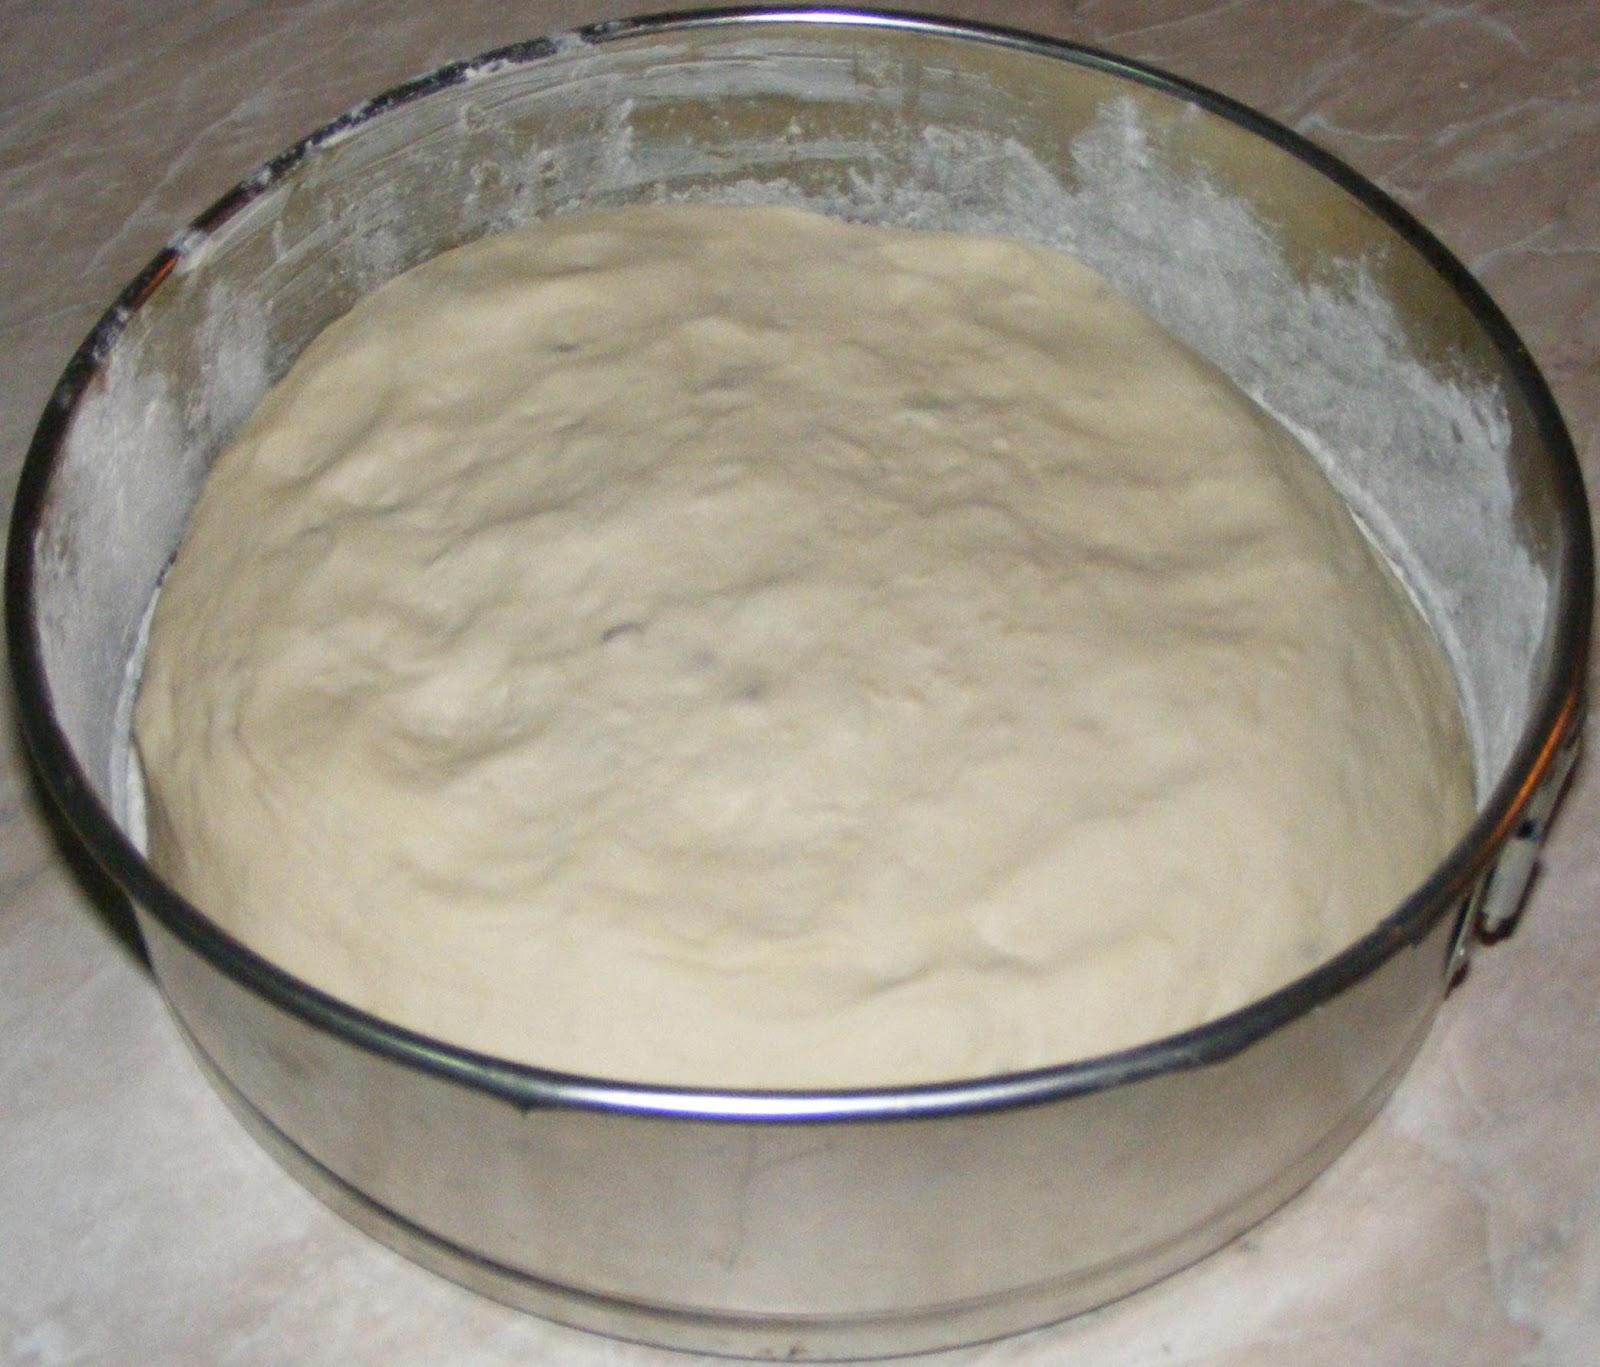 aluat, aluat de paine, aluat de casa, paine, paine de casa, paine cu seminte, reteta paine, retete culinare, preparate culinare, coca, coca de paine, retete de panificatie,